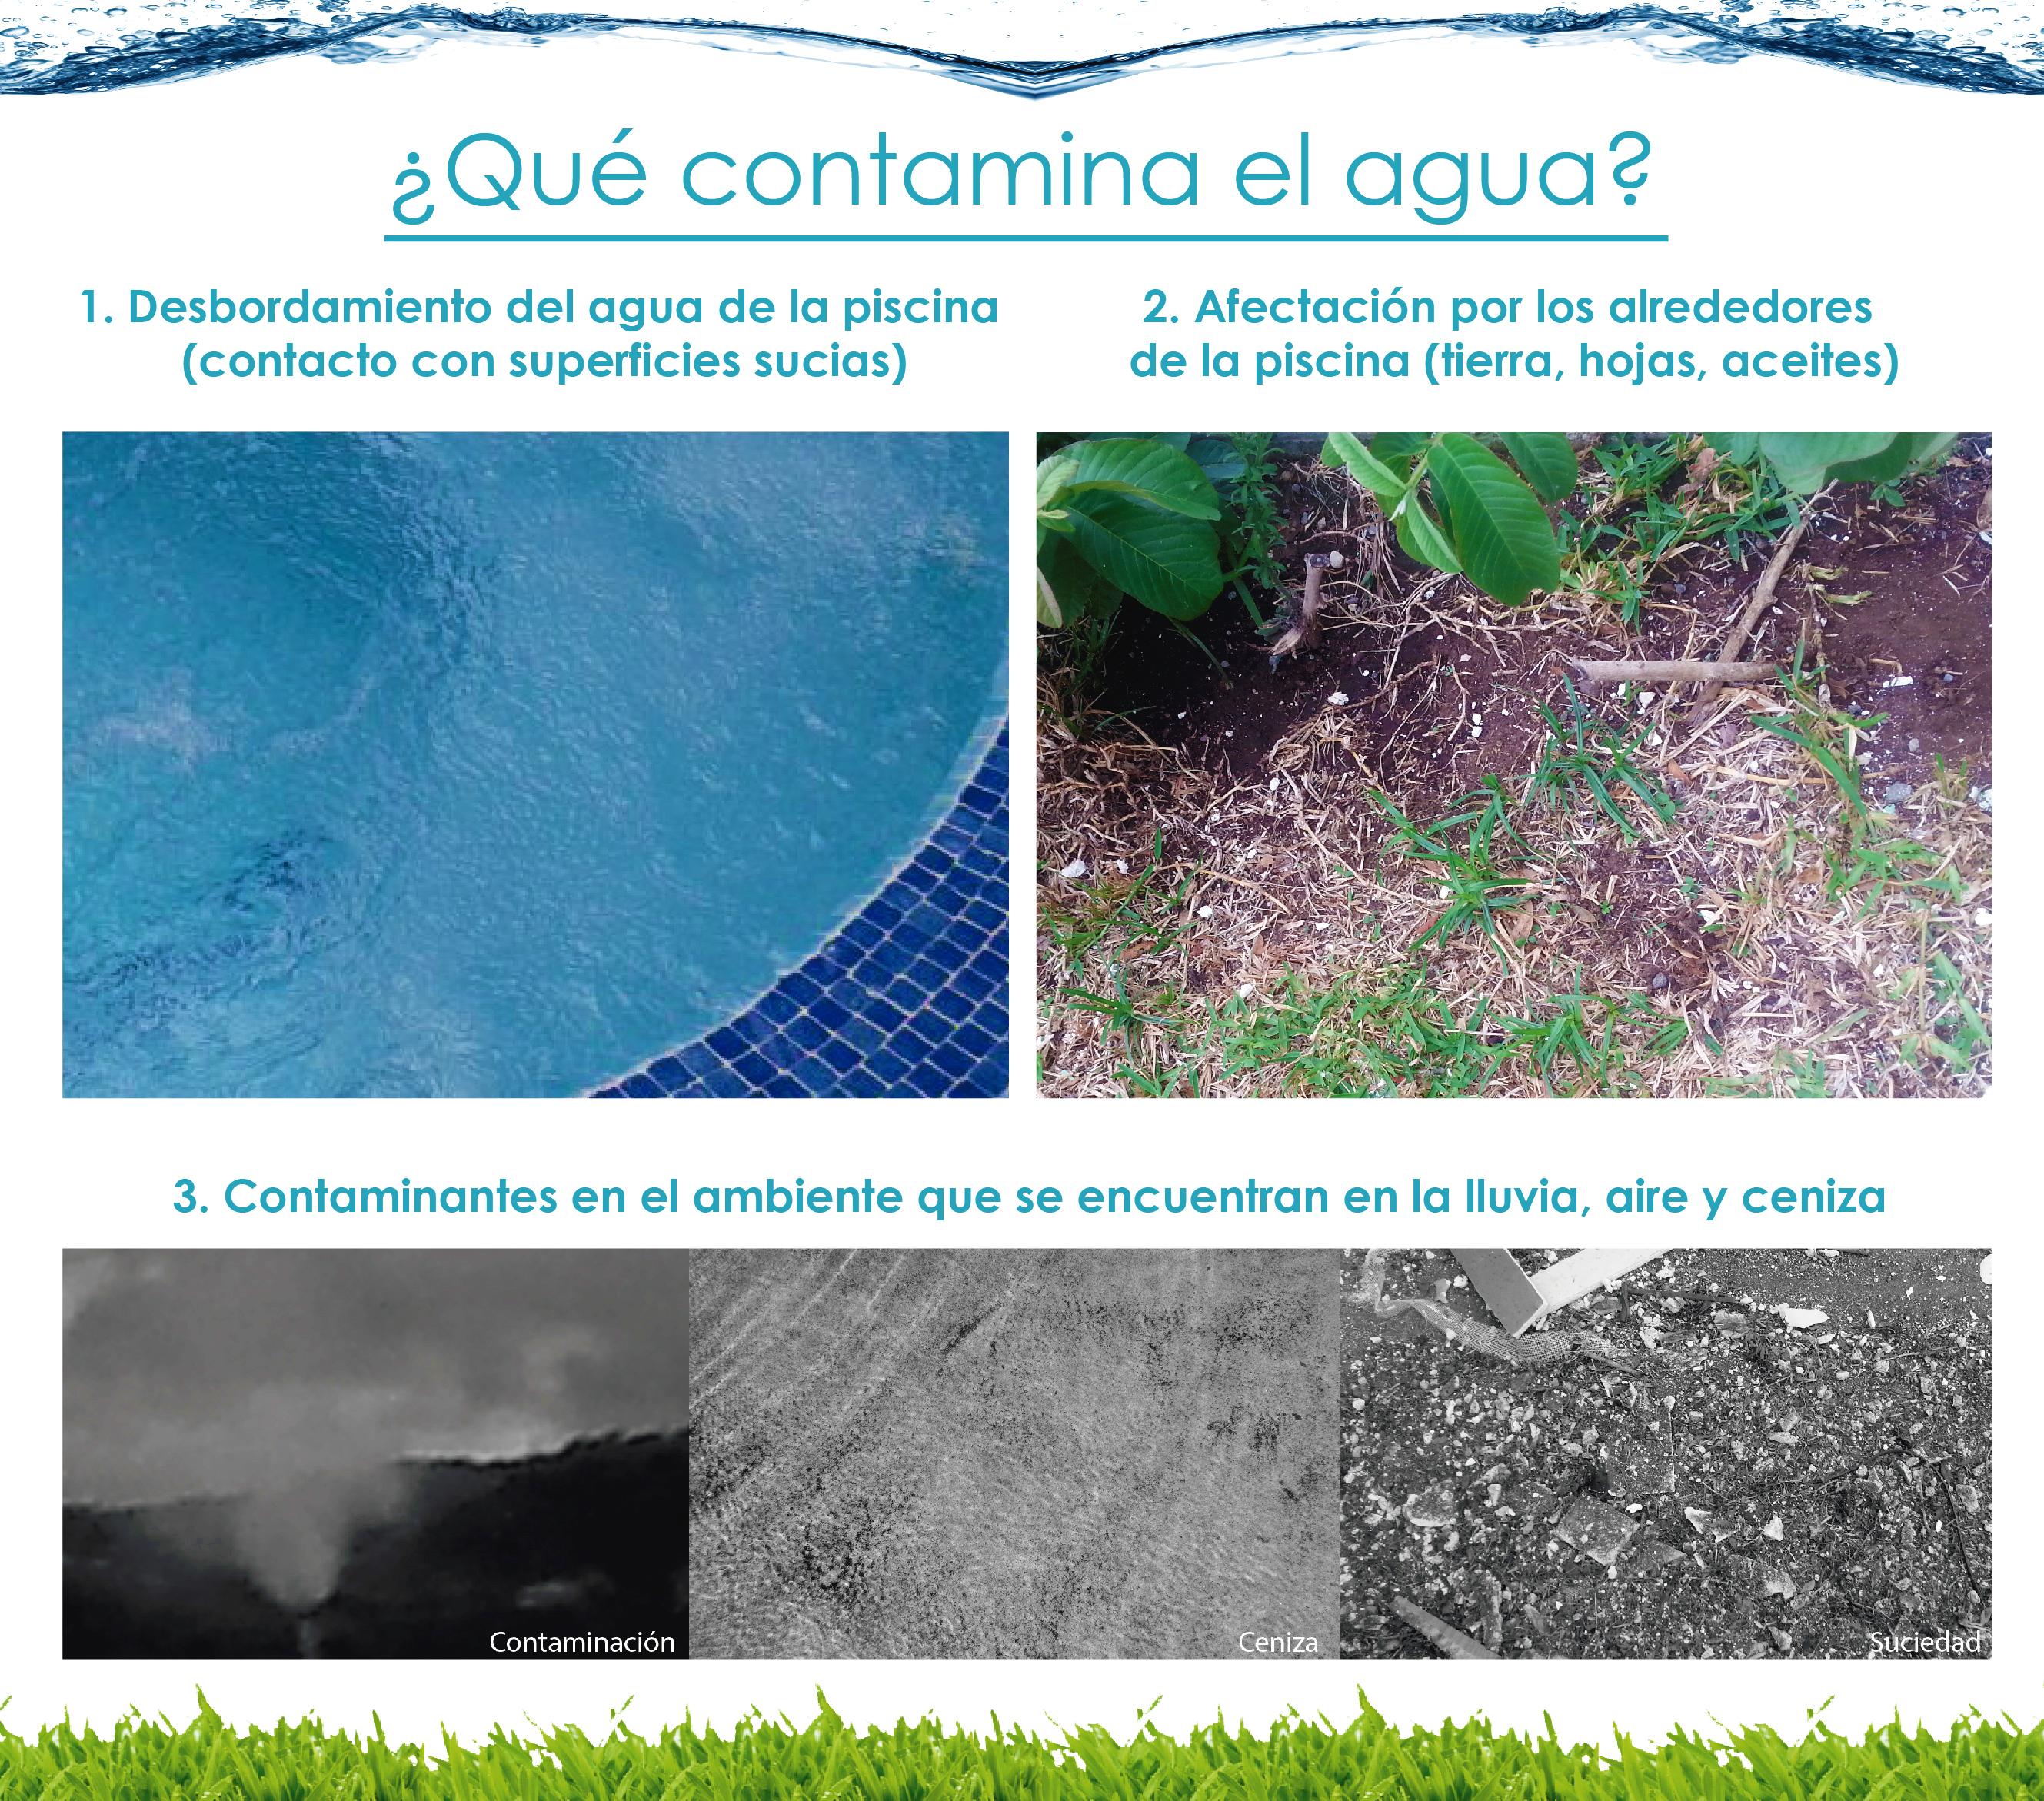 Transición de época seca a lluviosa para las piscinas